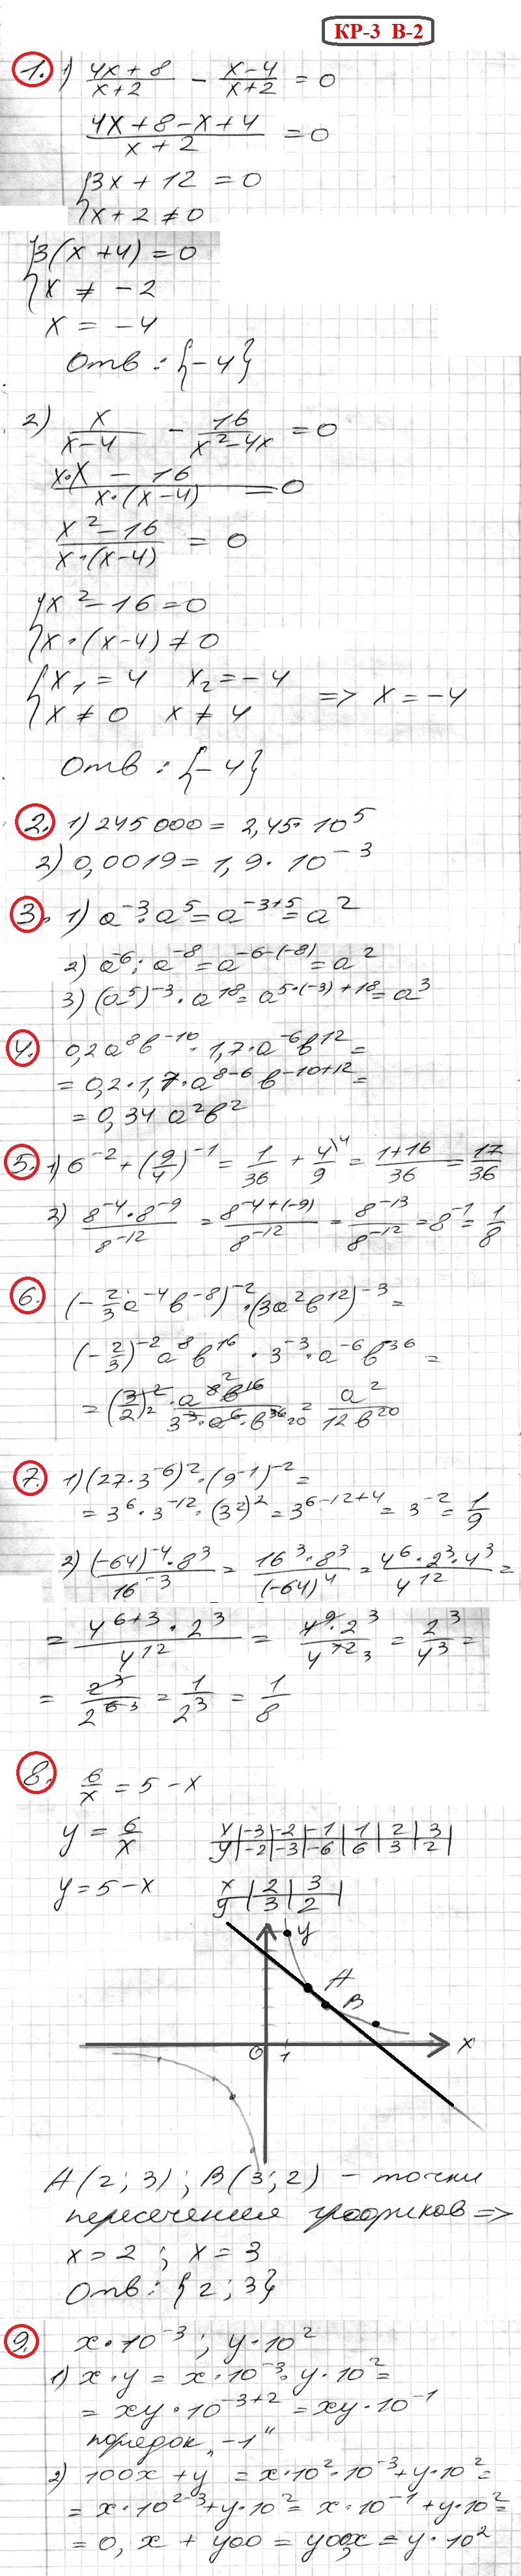 ОТВЕТЫ на КР-3 Алгебра 8 Мерзляк. Вариант 2